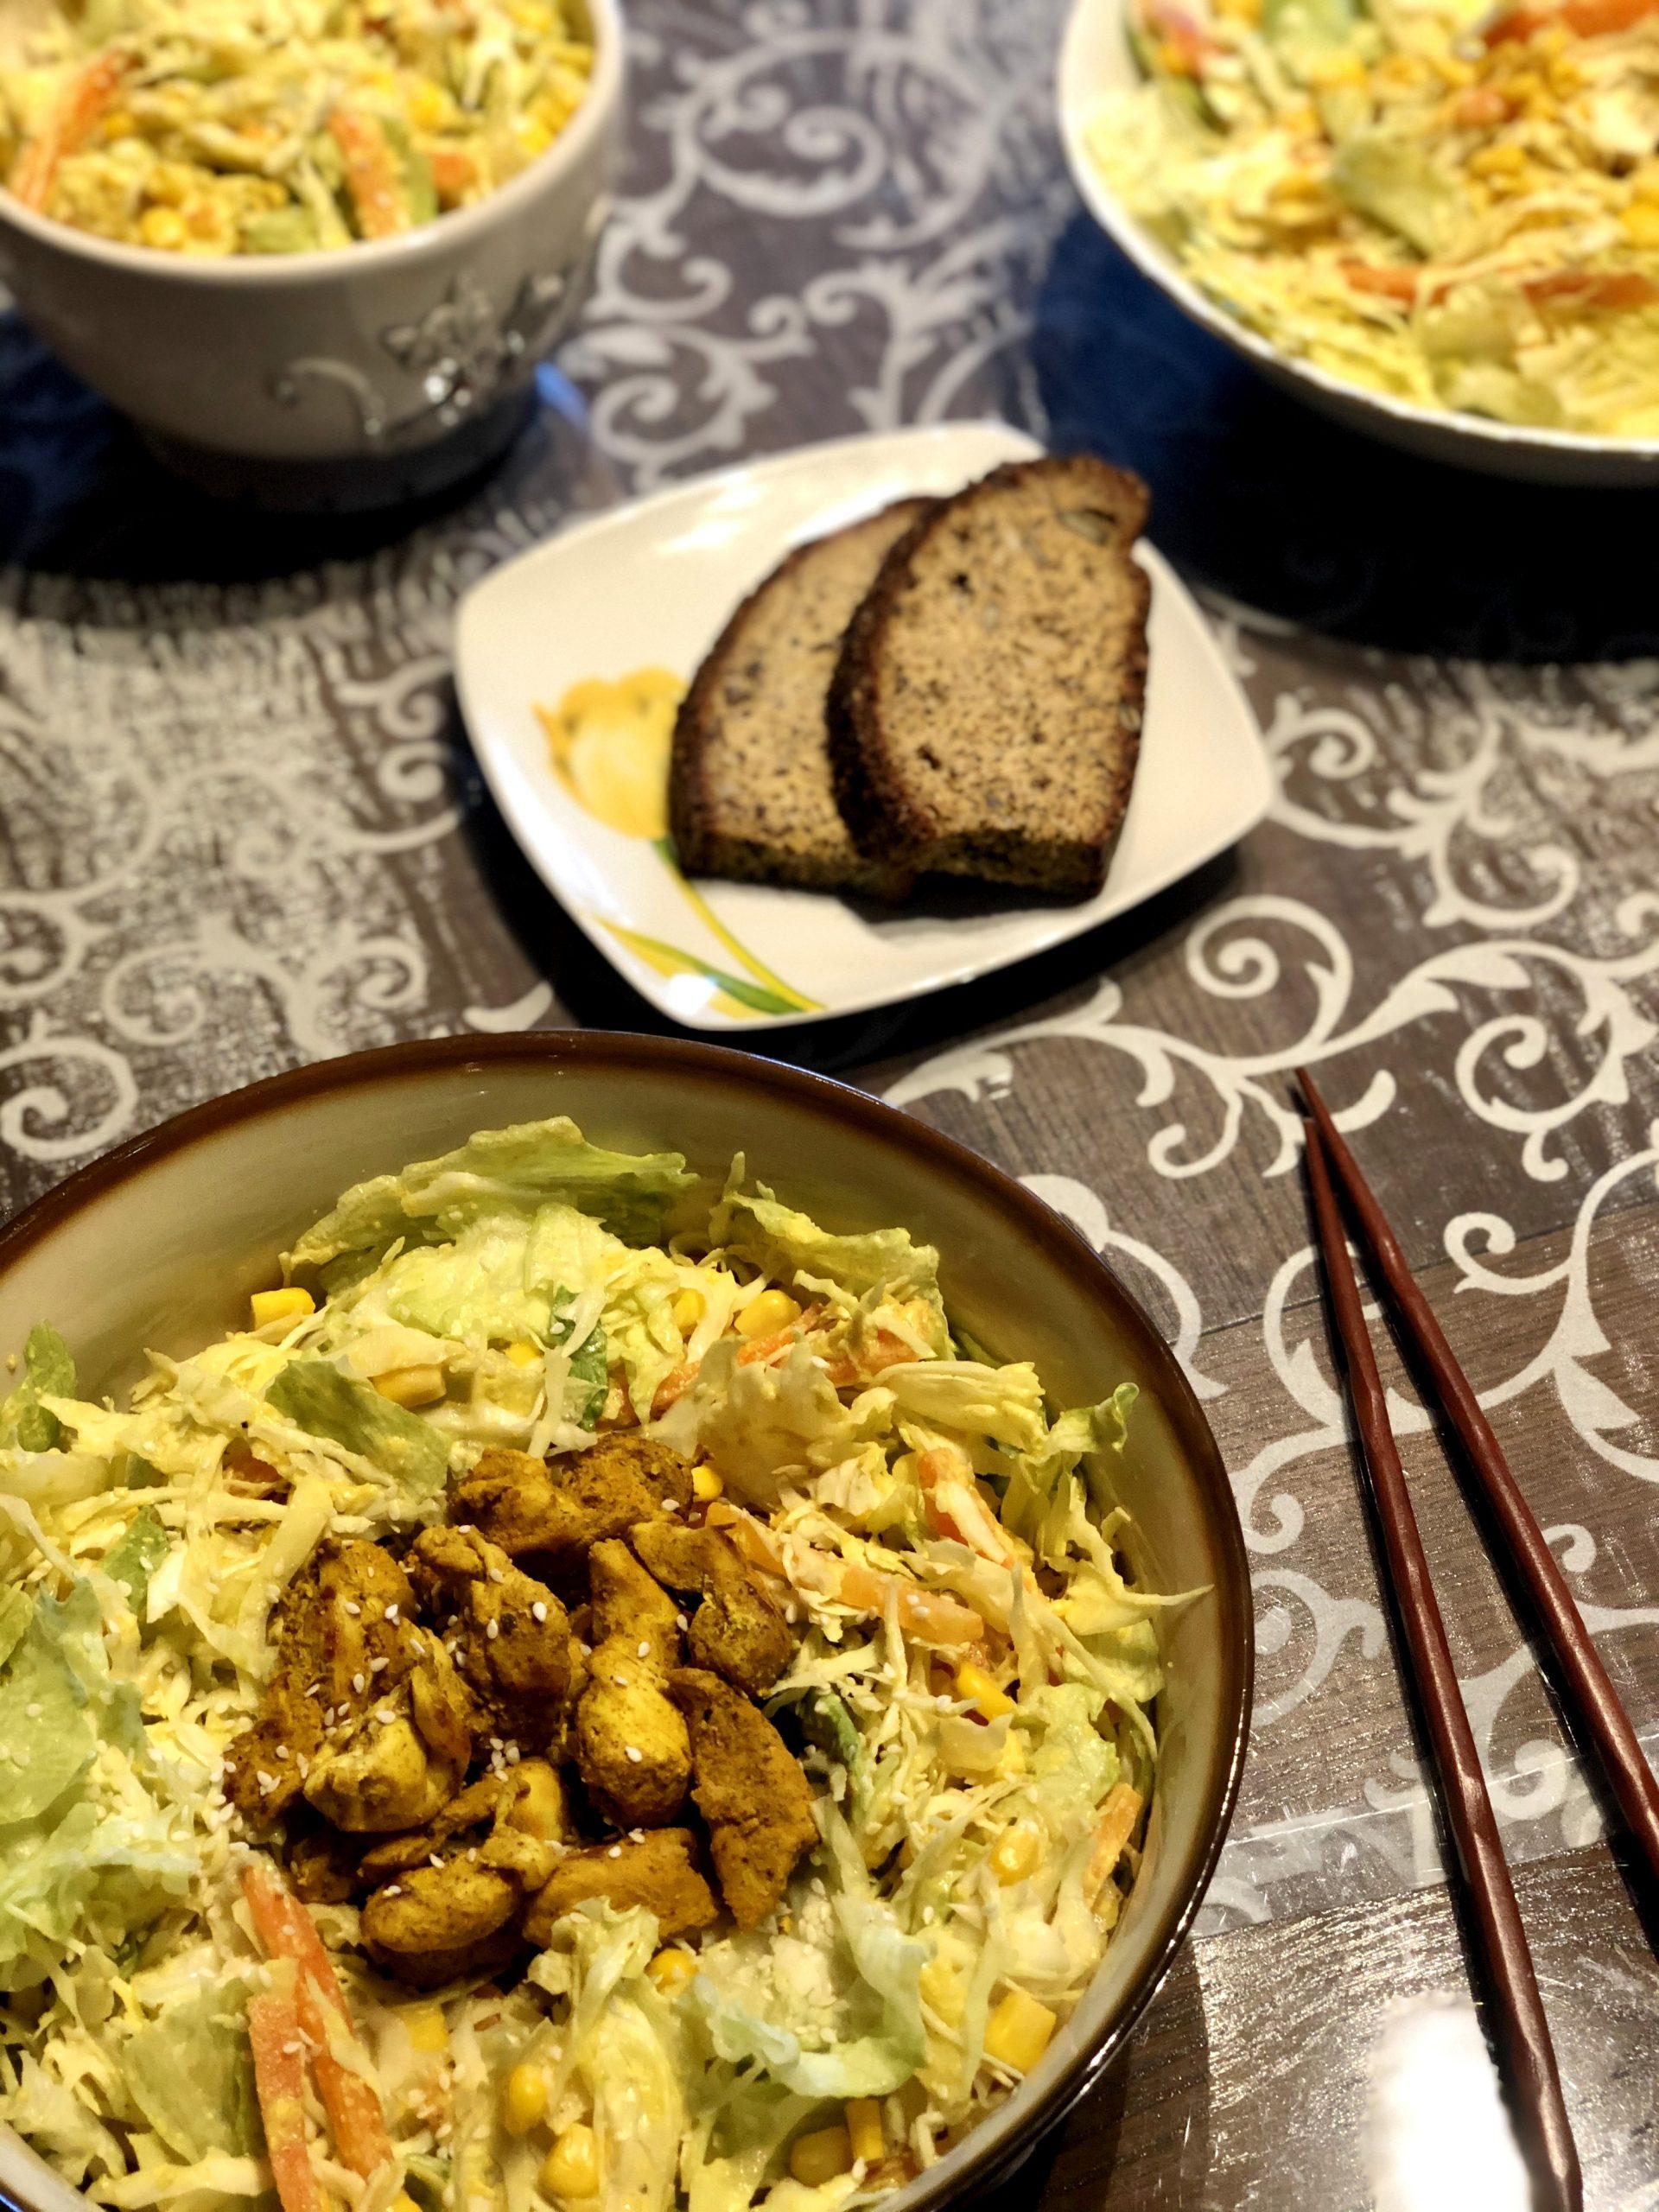 Solata s curry piščancem in hummusovim prelivom